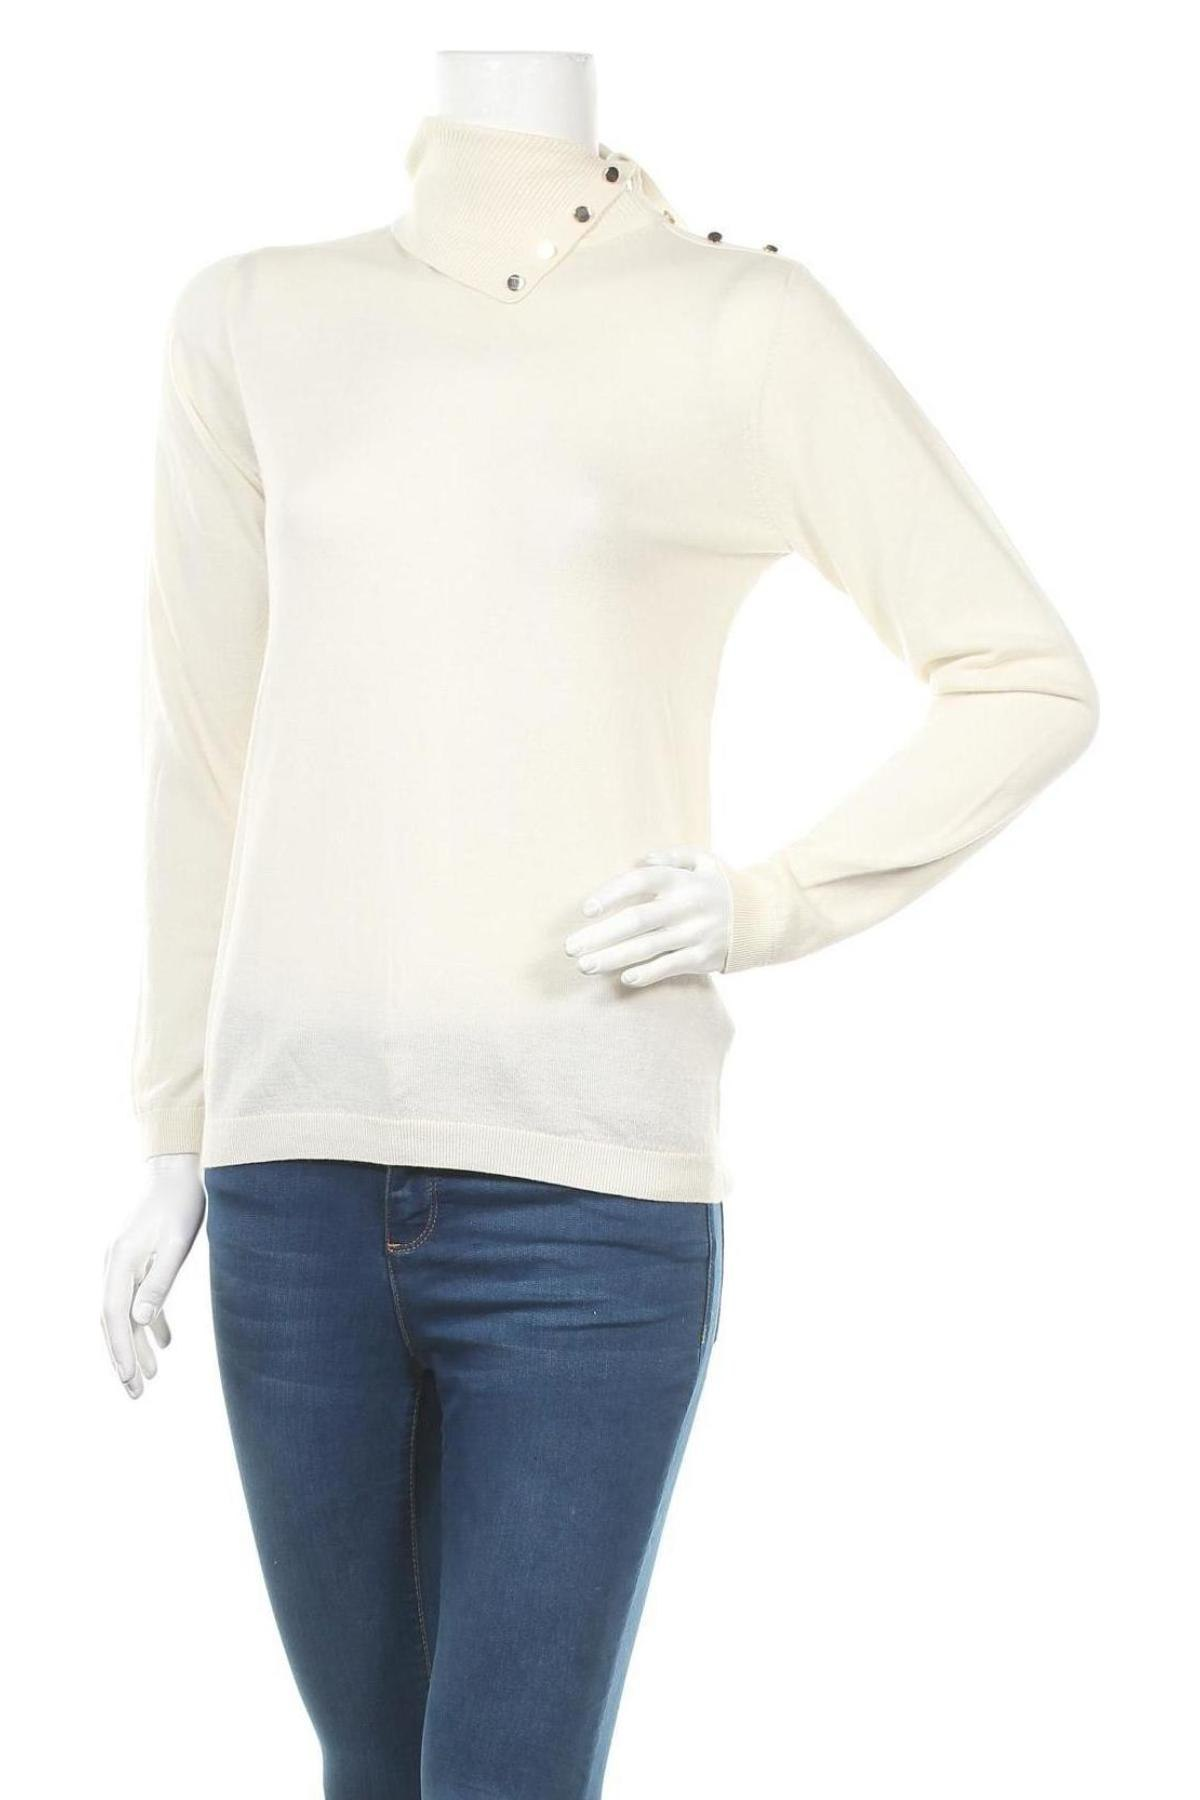 Дамски пуловер Massimo Dutti, Размер S, Цвят Екрю, 80% вълна, 20% коприна, Цена 81,75лв.